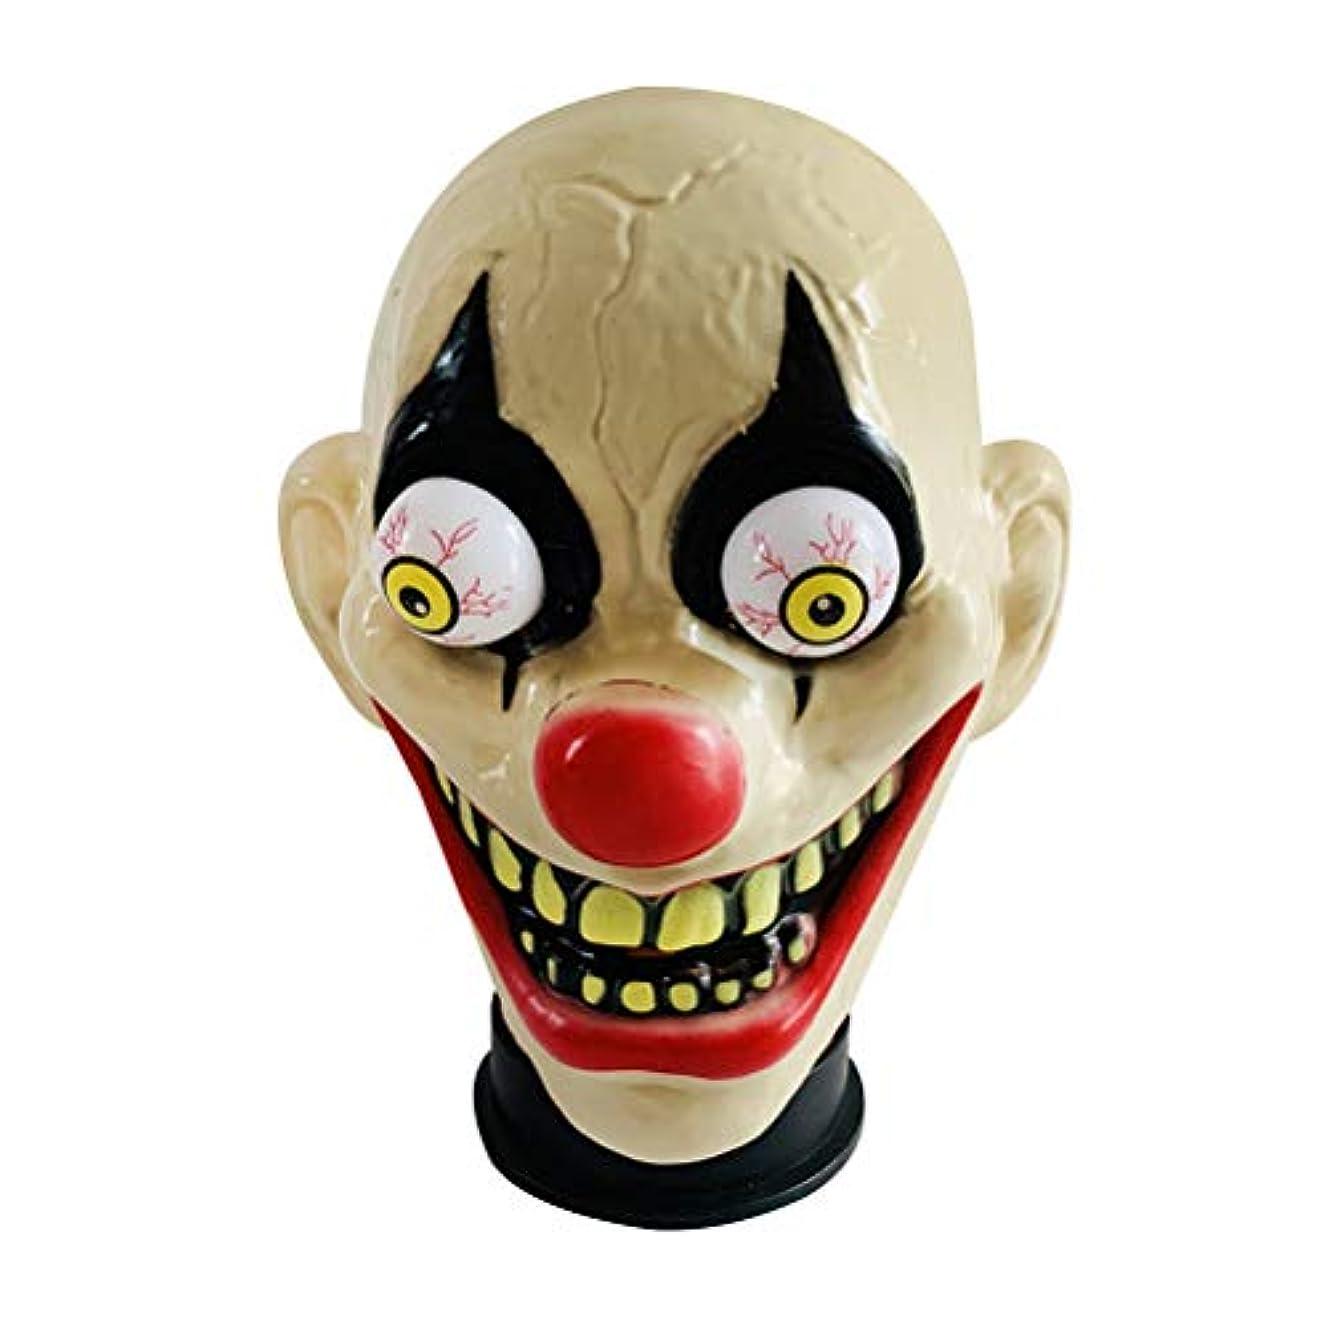 知覚的約ホイップBESTOYARD ハロウィーン怖いピエロマスクテロホラーピエロヘッドカバーハロウィンコスプレパーティー用男性用マスク(ピエロタイプ)